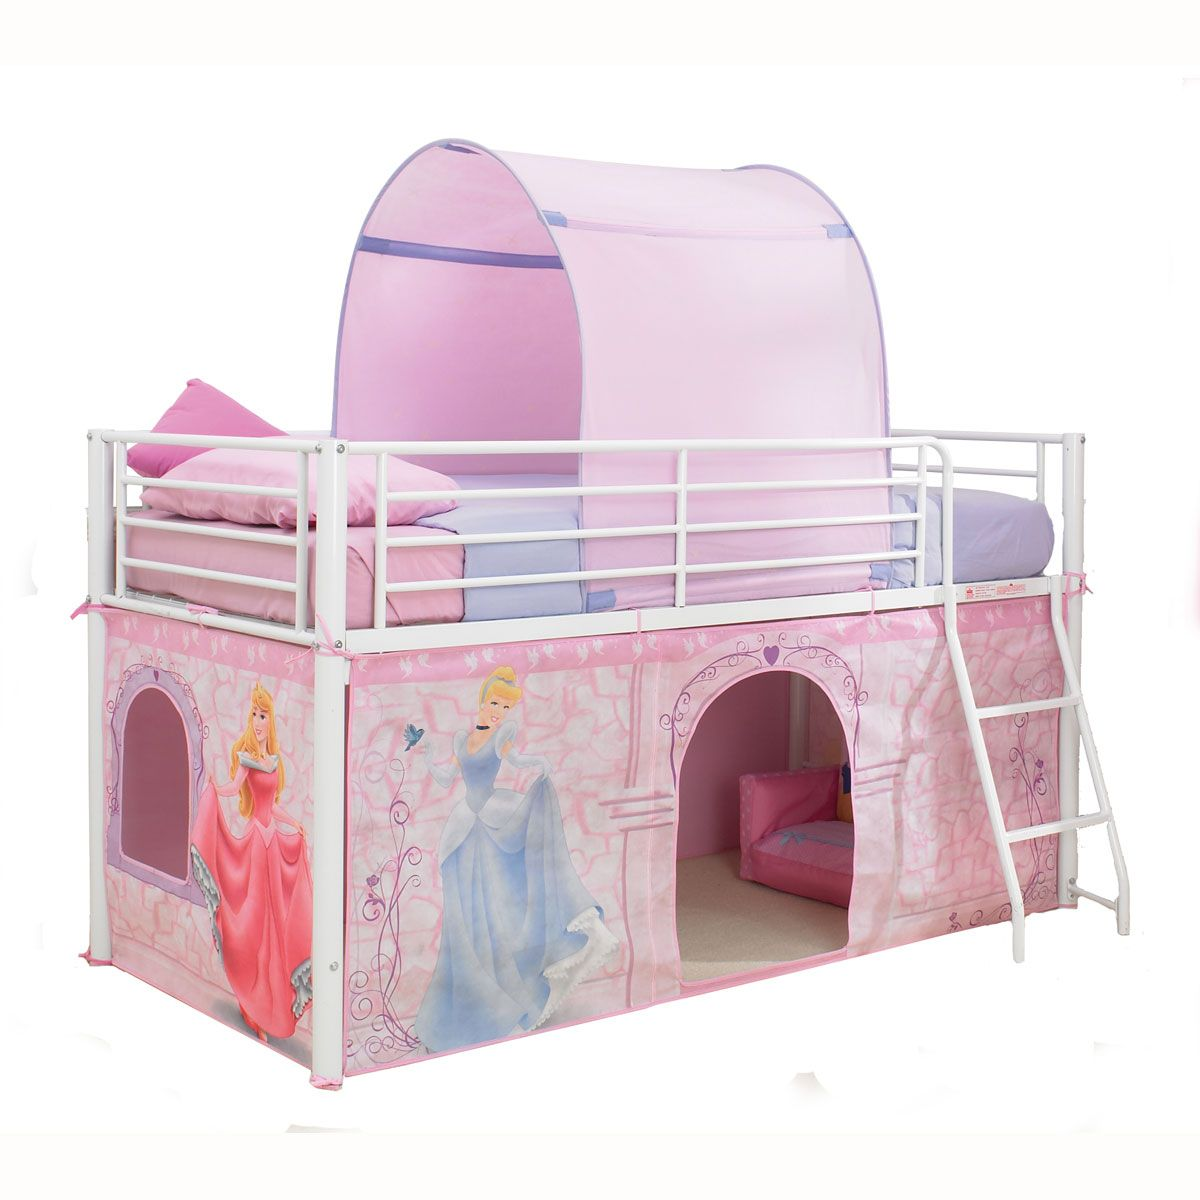 Good Tente Lit Studio   Recherche Google · Tent BedroomBed ... Nice Design